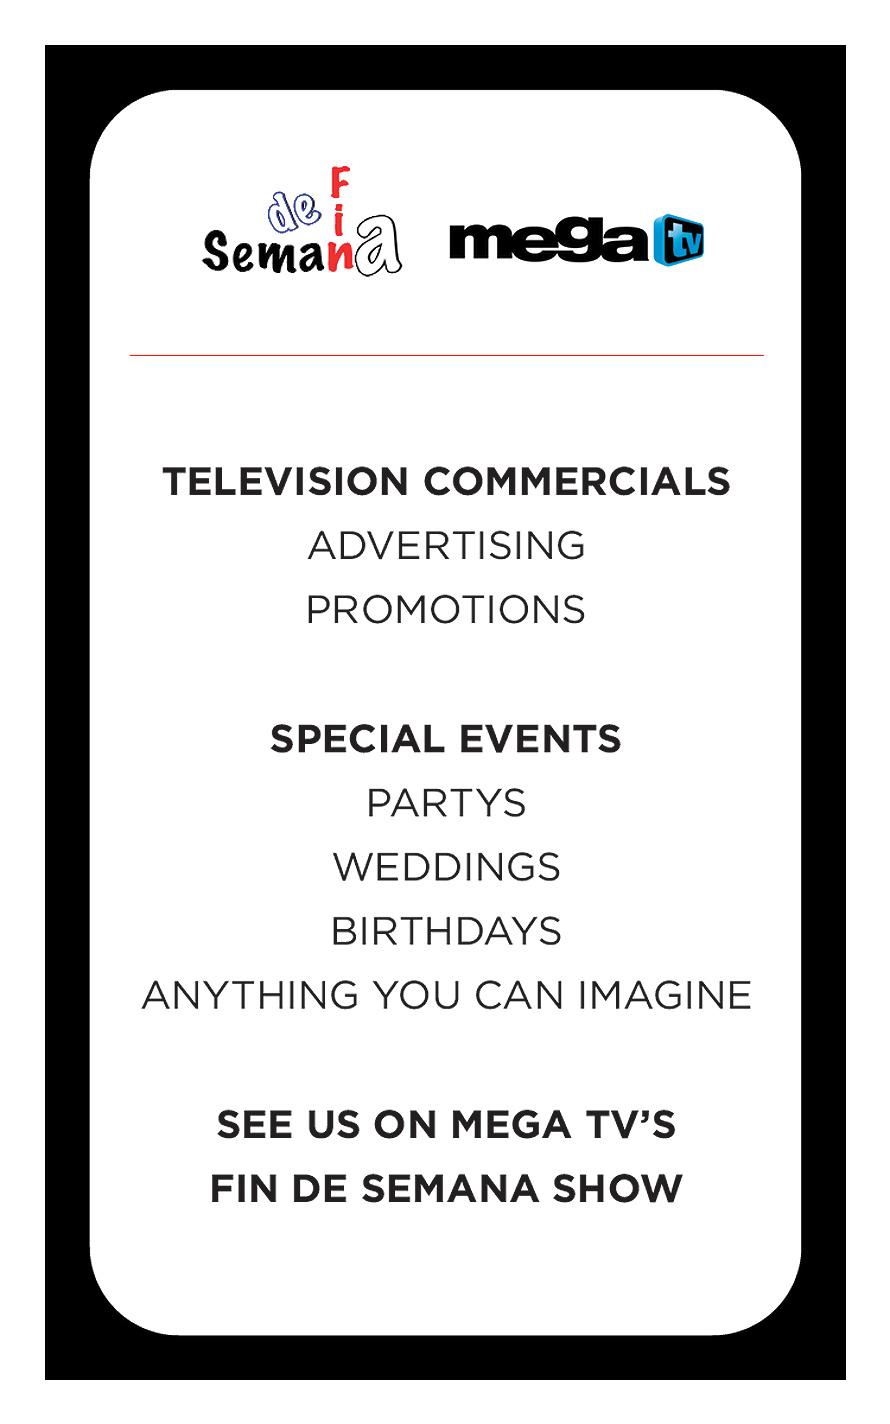 De Fin Semana Mega TV